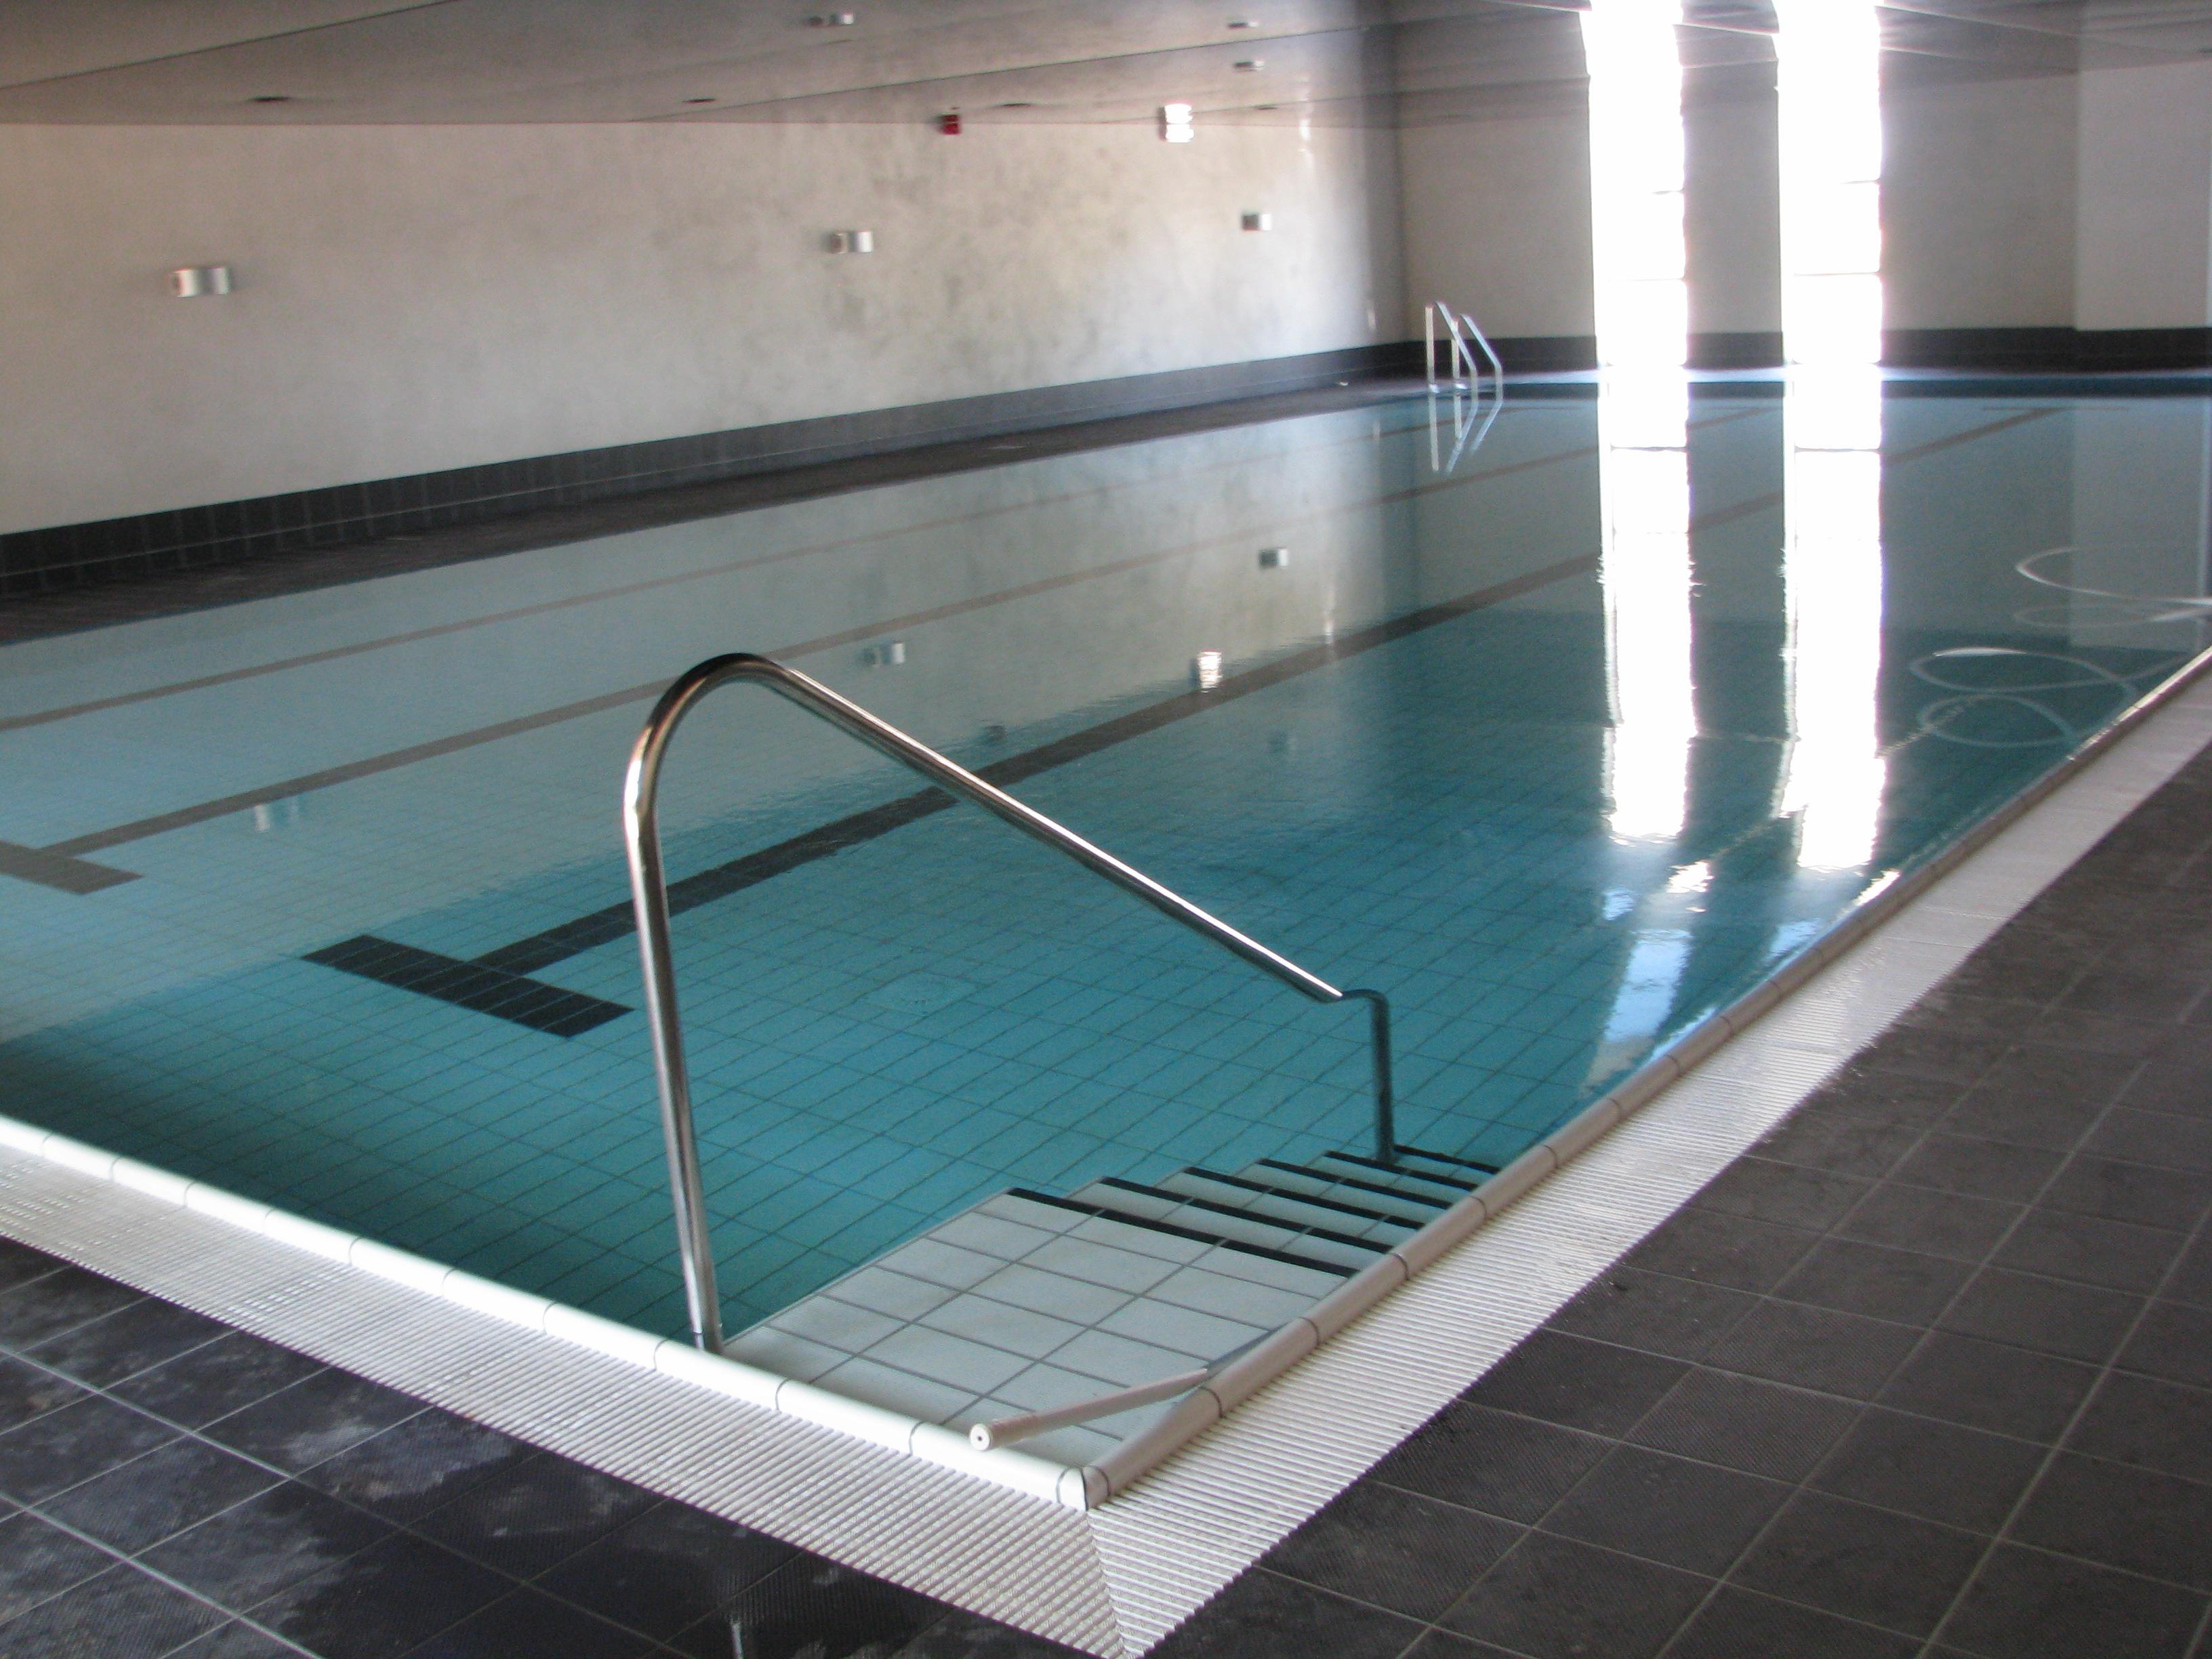 hotel huis ten wolde bouwkundig bad met gail overloopgoot bouwkundig bruisbad met massagejets en bruisbank en tevens een kleuterbad